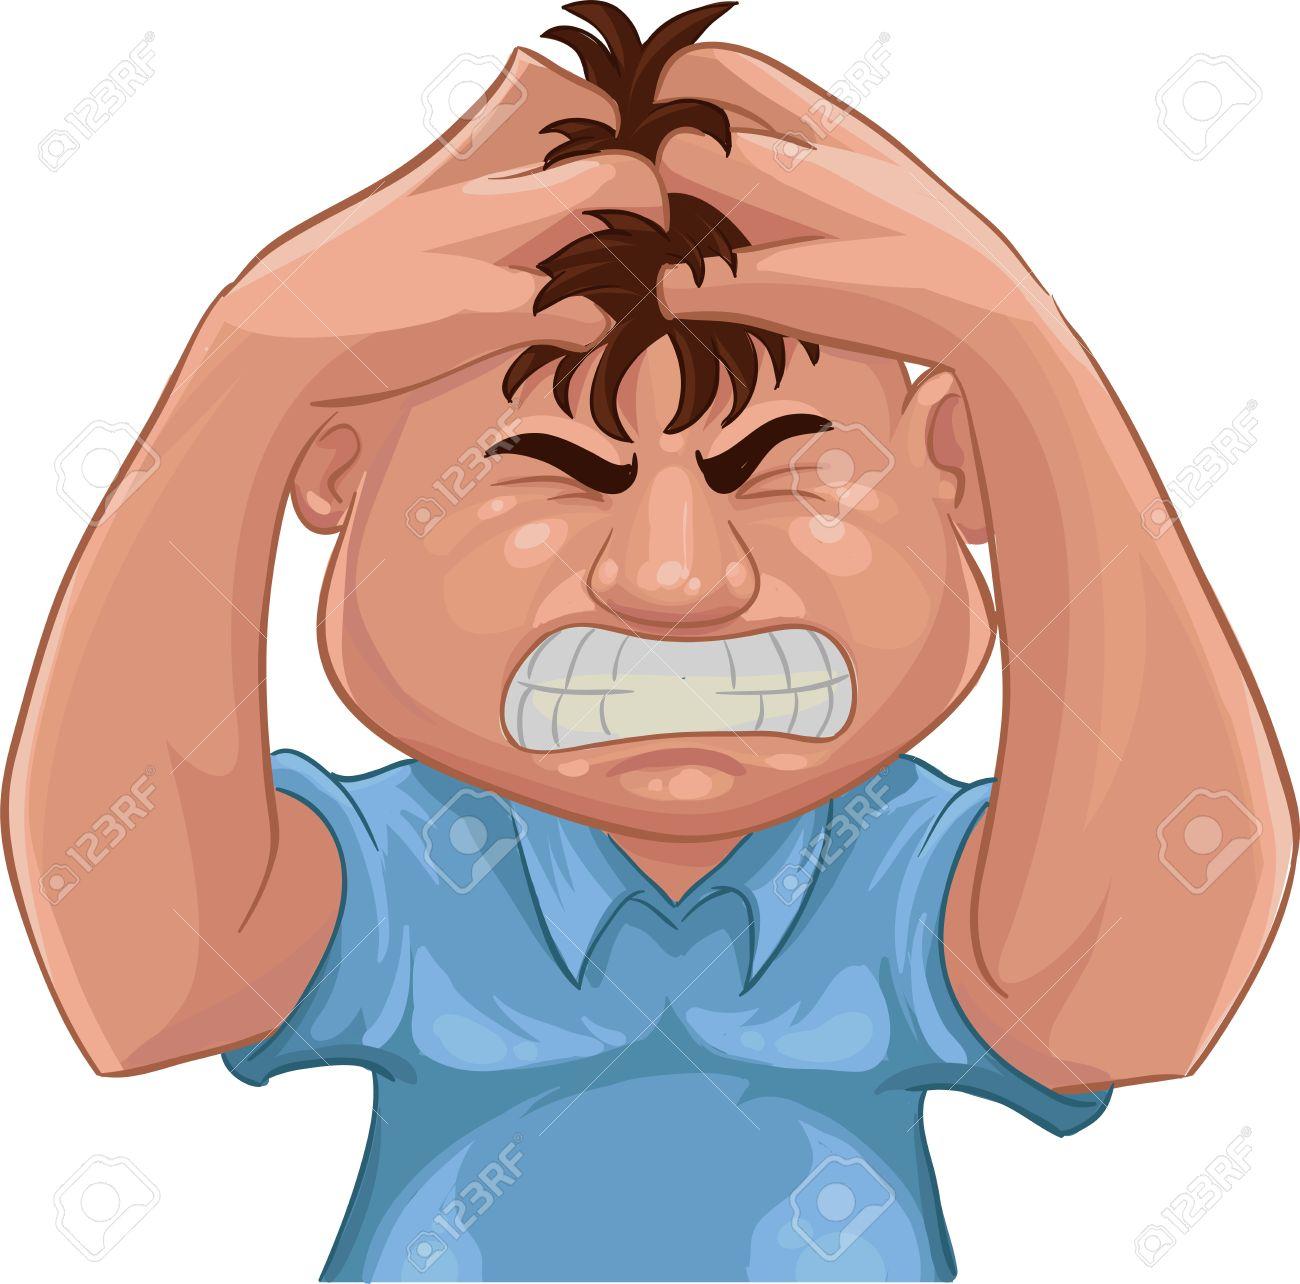 1300x1284 Despair Clipart Annoyed Person